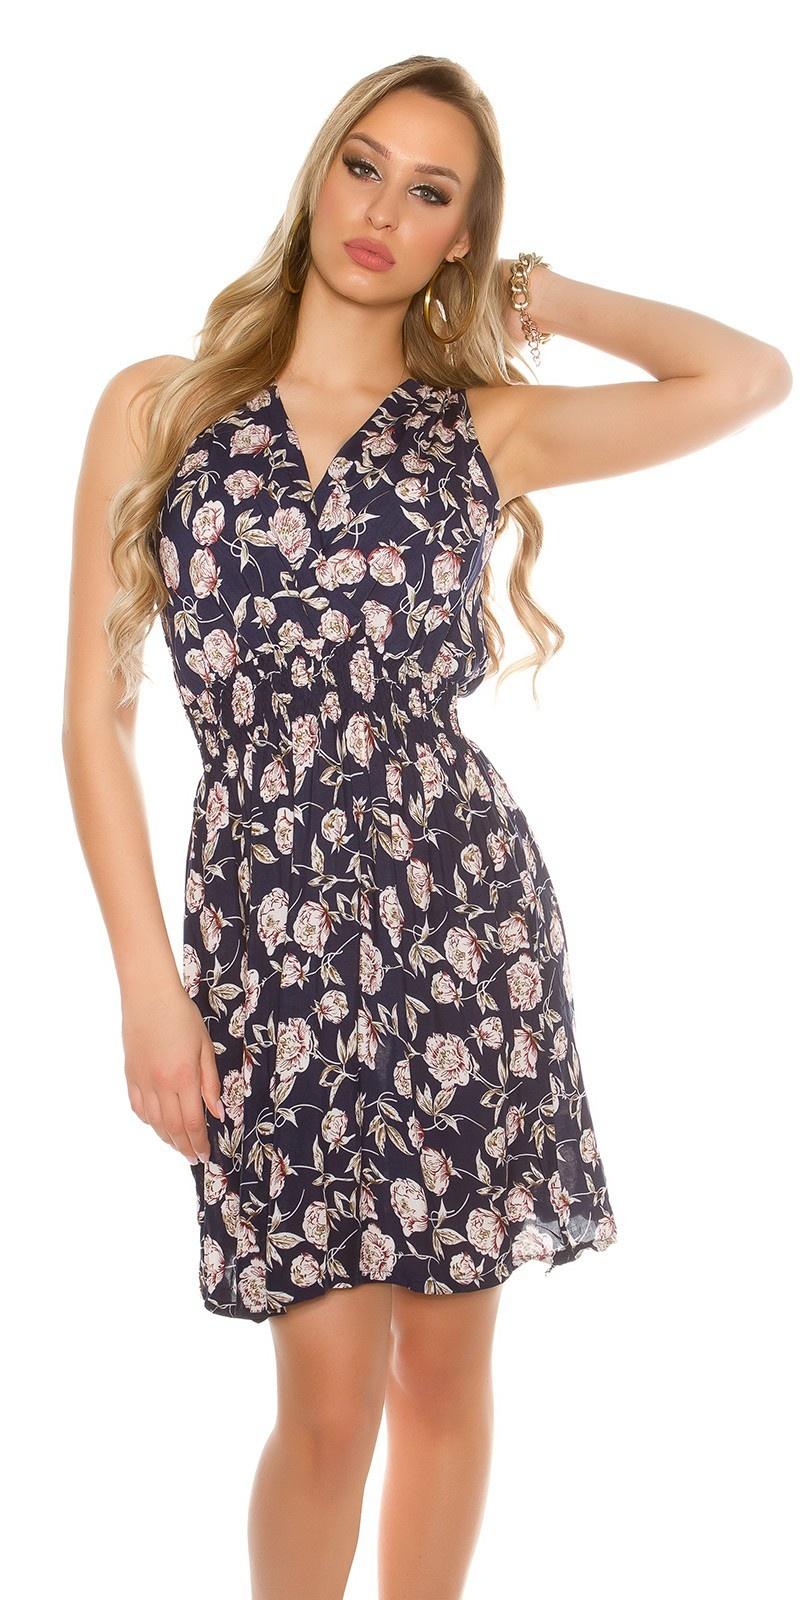 Flowered Summer Dress